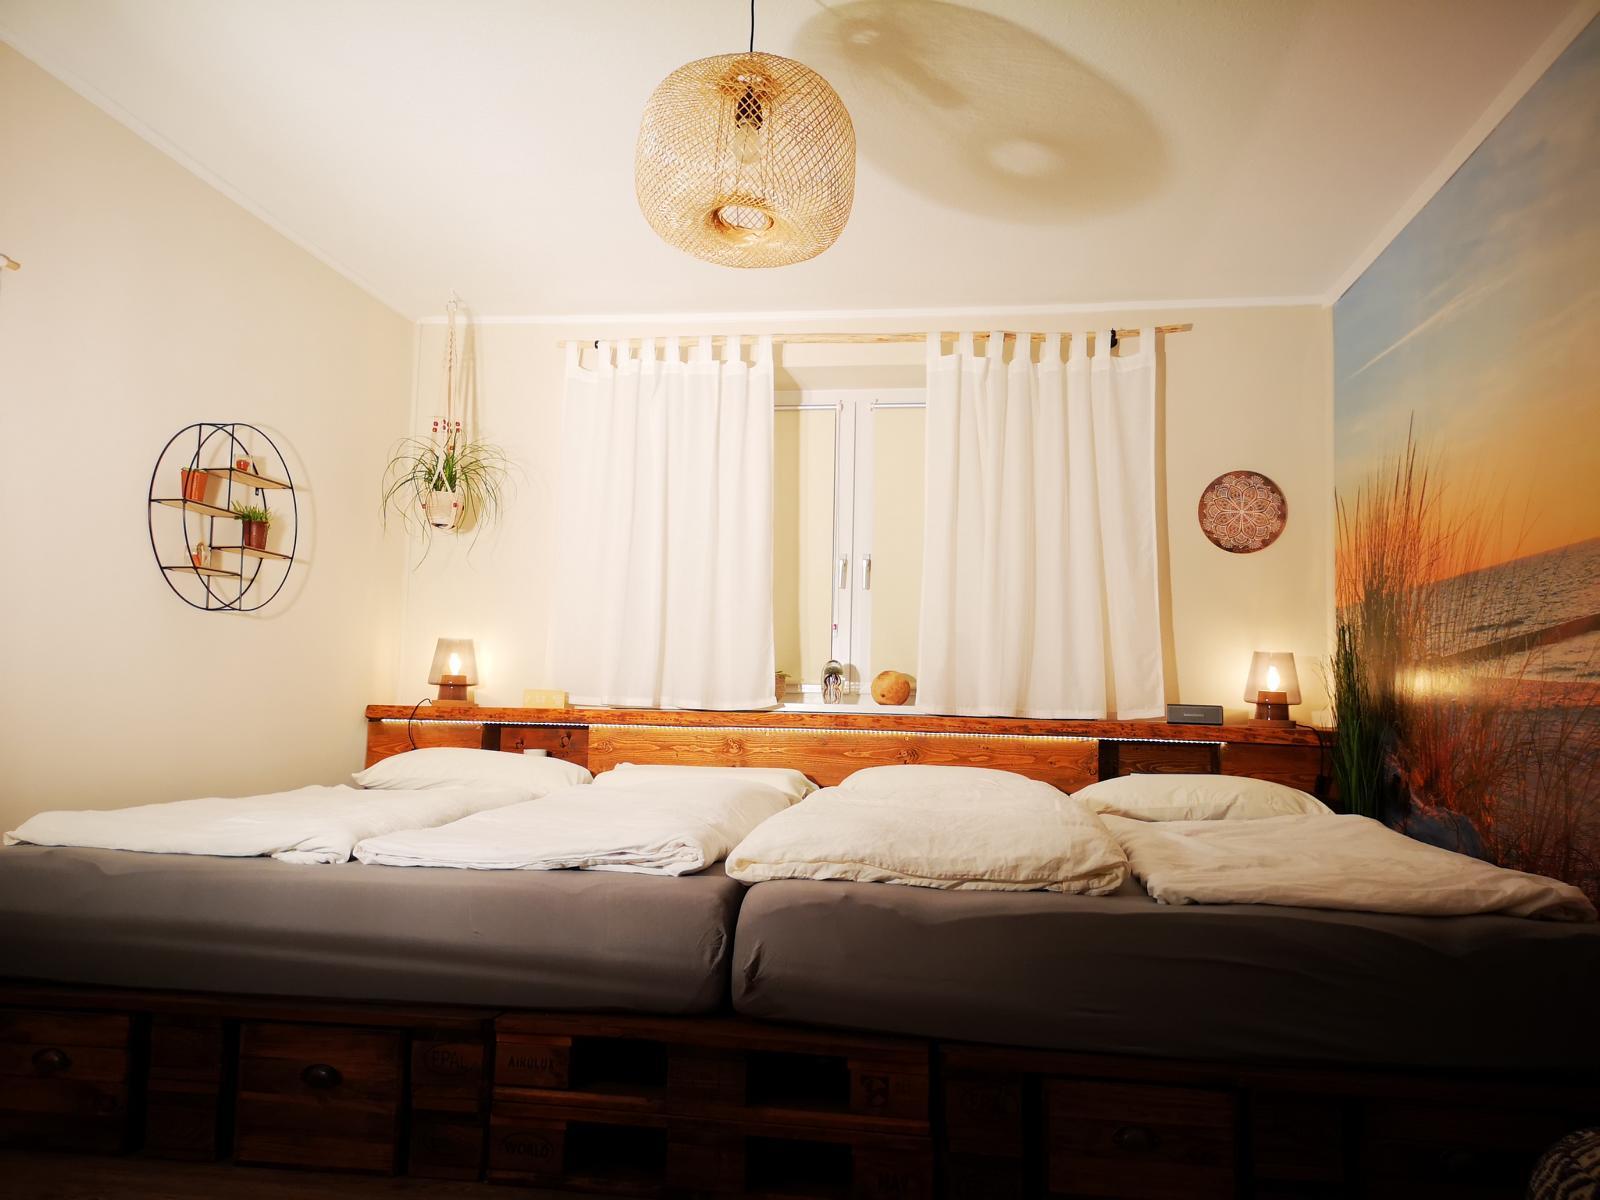 Familienbett aus Paletten-Palettenbett